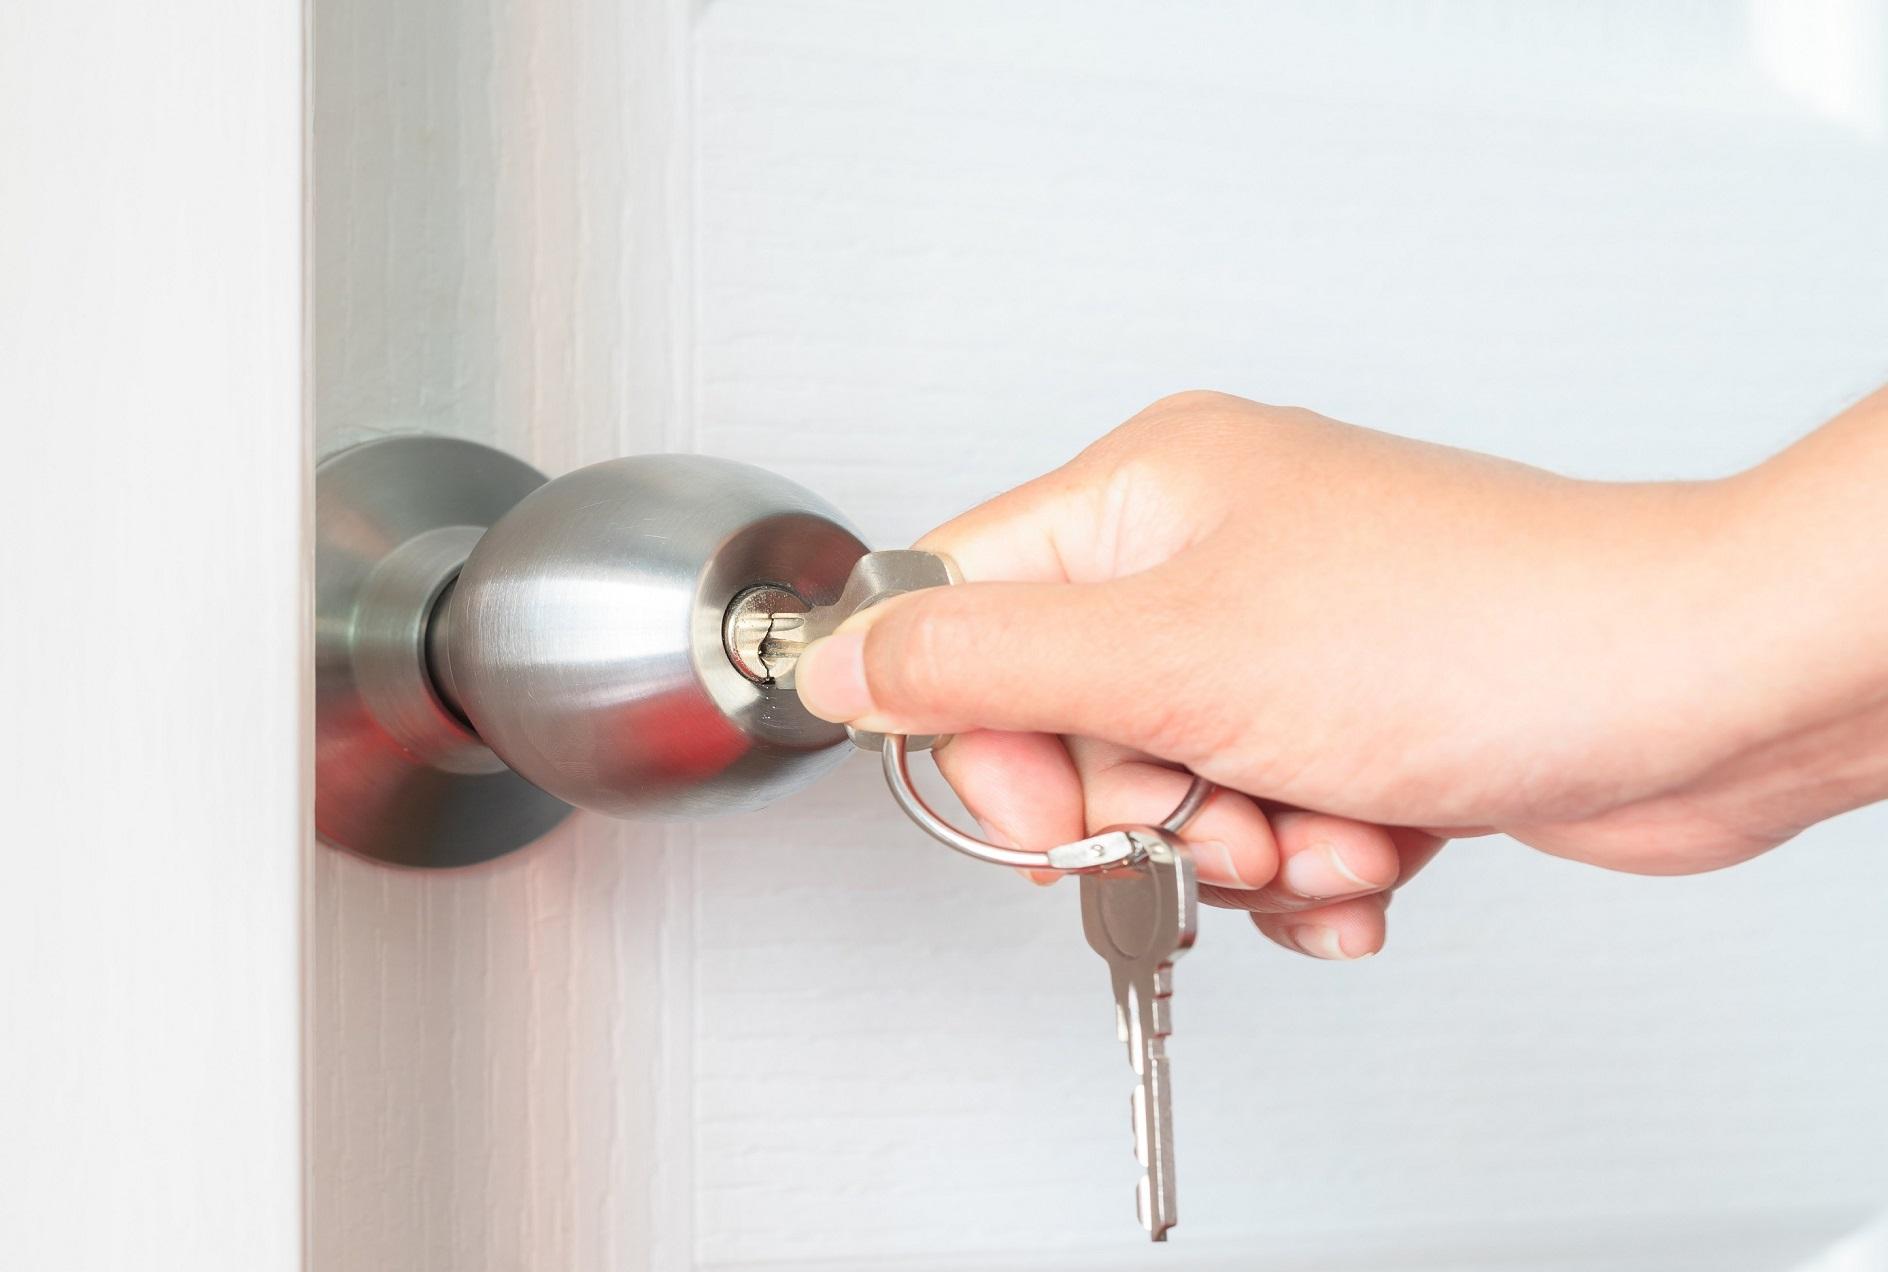 How To Get Locks Rekeyed?